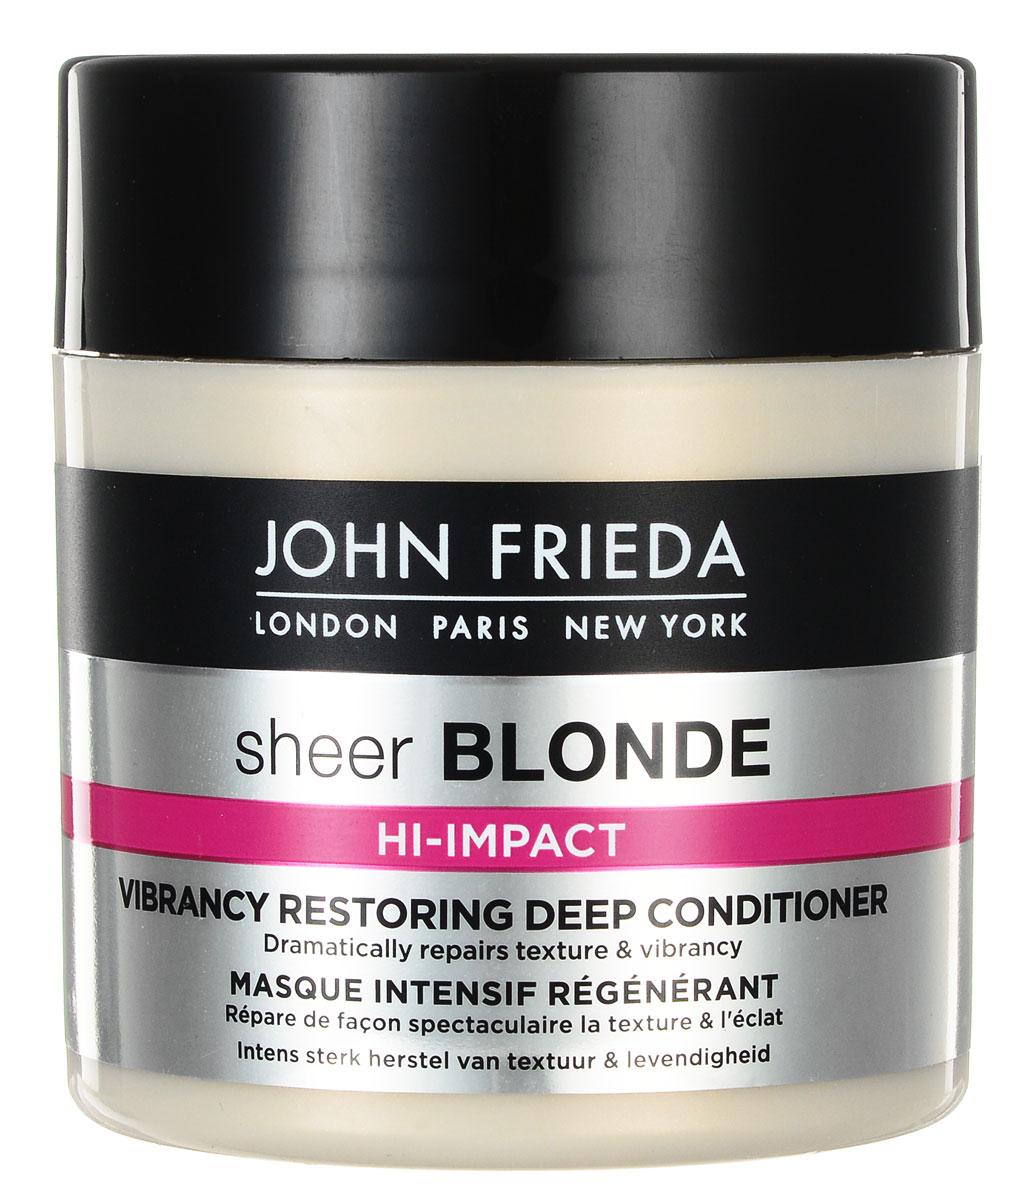 John Frieda Маска для восстановления сильно поврежденных волос Sheer Blonde Hi-Impact, 150 мл676280013582Маска Sheer Blonde Hi-Impact от John Frieda интенсивно восстанавливает поврежденную структуру светлых волос. Это великолепный помощник в уходе засильно ослабленными волосами. Благодаря уникальным компонентам, входящим в состав, она увлажняет кожу головы, питает и восстанавливает повреждённые после окрашивания волосы, придаёт им жизненную силу, предотвращает ломкость. При регулярном использовании локоны становятся более послушными, легче расчёсываются. Подарите своим волосам здоровый и сияющий вид.Товар сертифицирован.